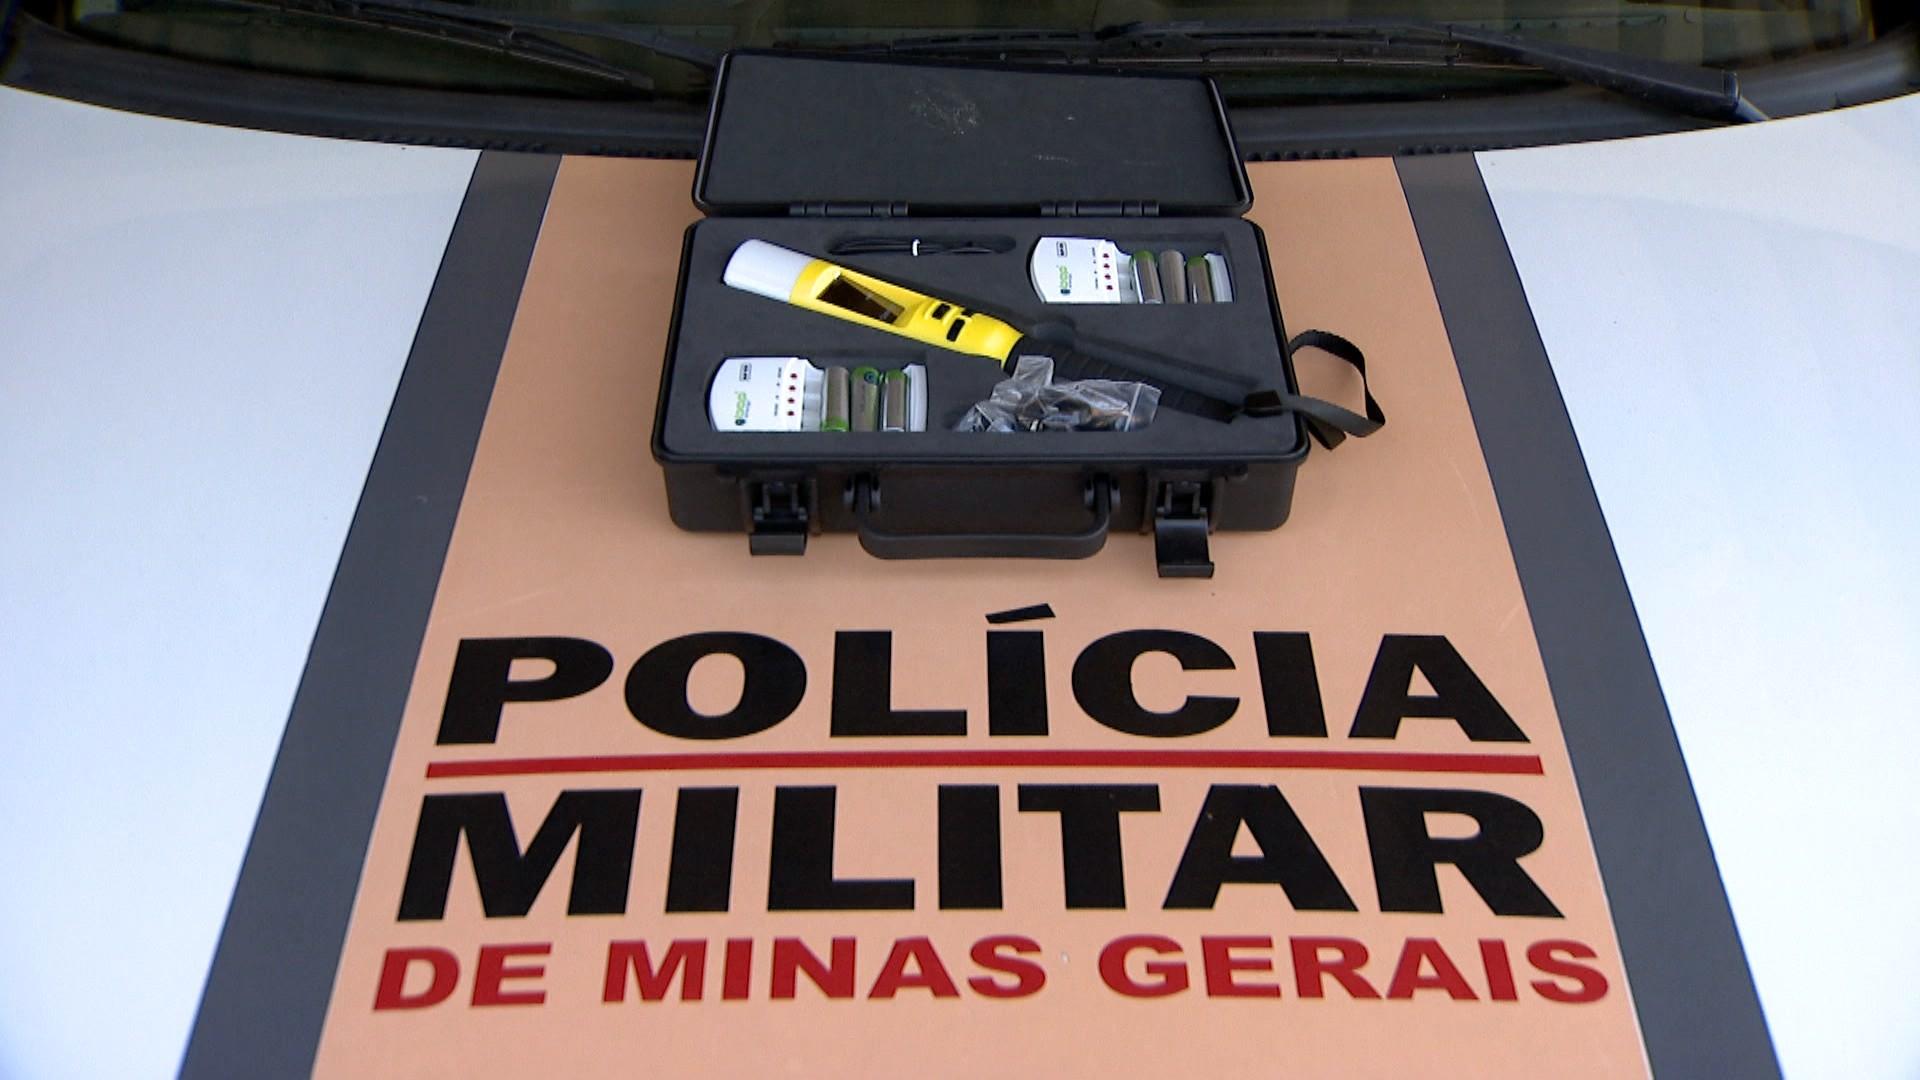 Polícia Militar Rodoviária em Uberlândia recebe bafômetro que detecta presença de álcool à distância